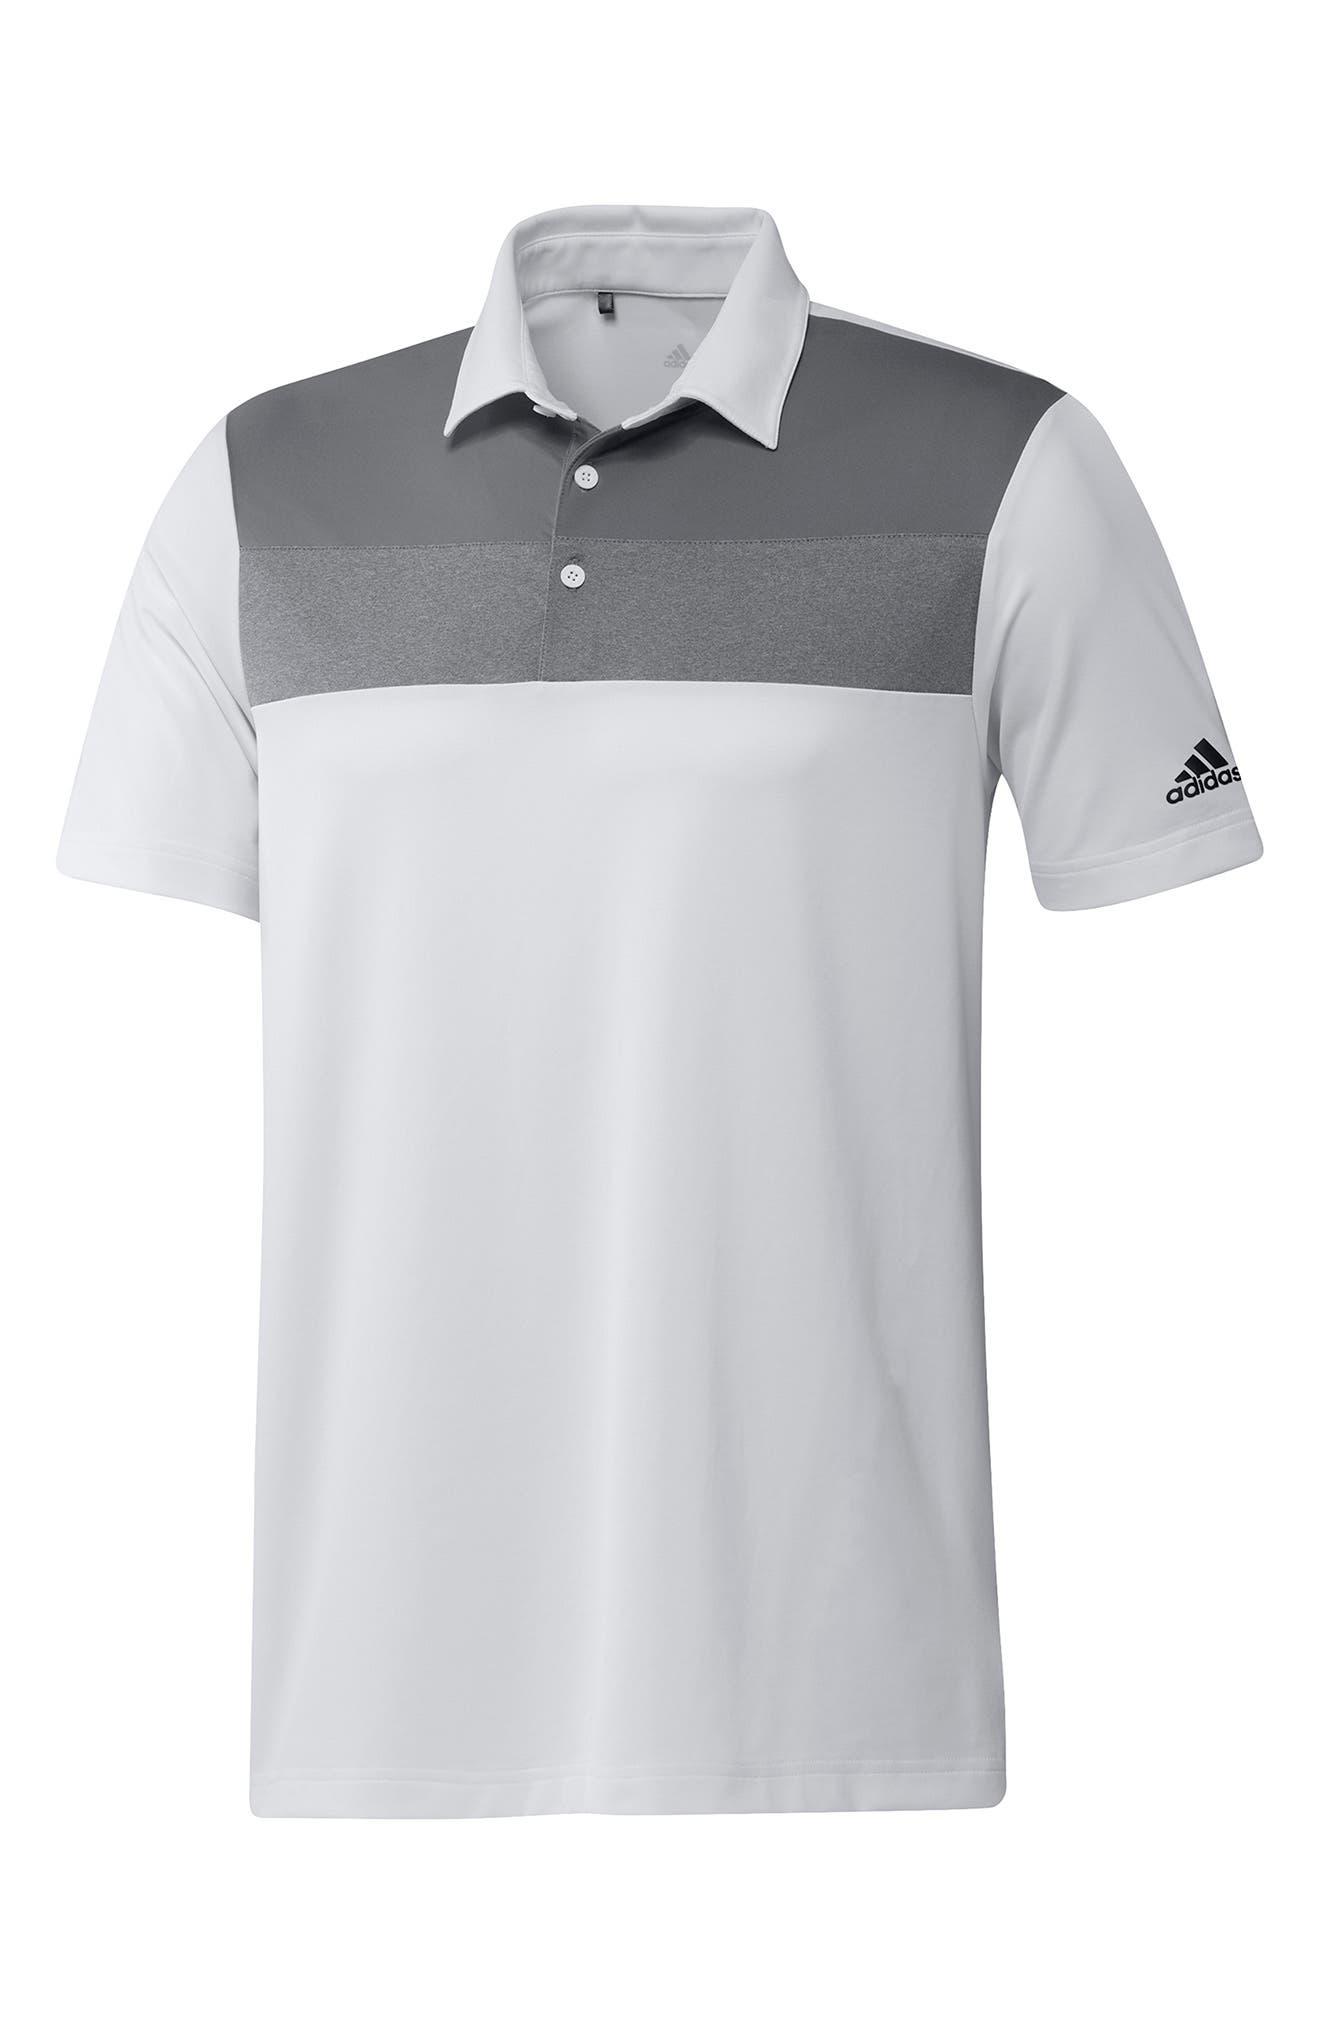 Men's Adidas Primegreen Colorblock Golf Polo